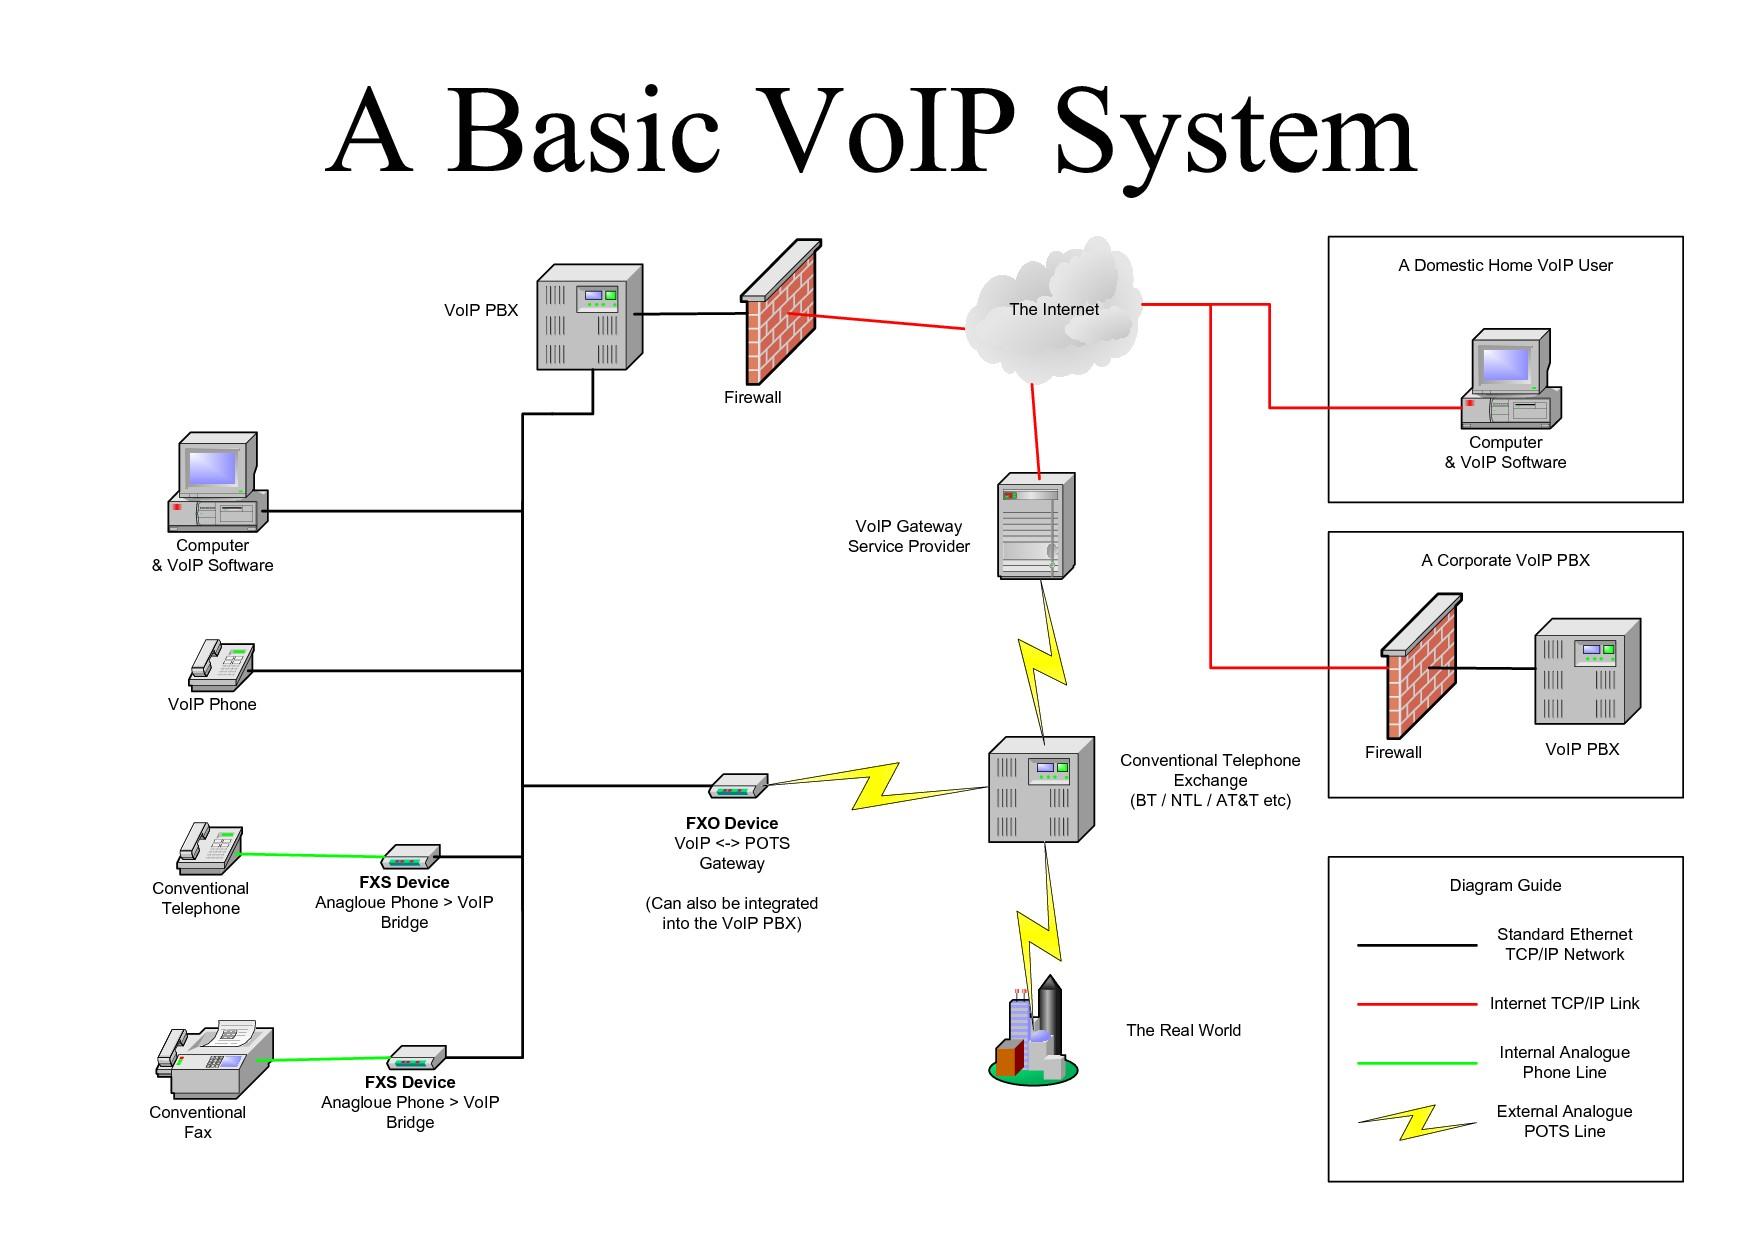 voip wiring diagram best of wiring diagram image rh mainetreasurechest com voip phone wiring diagram Old Telephone Wiring Diagrams